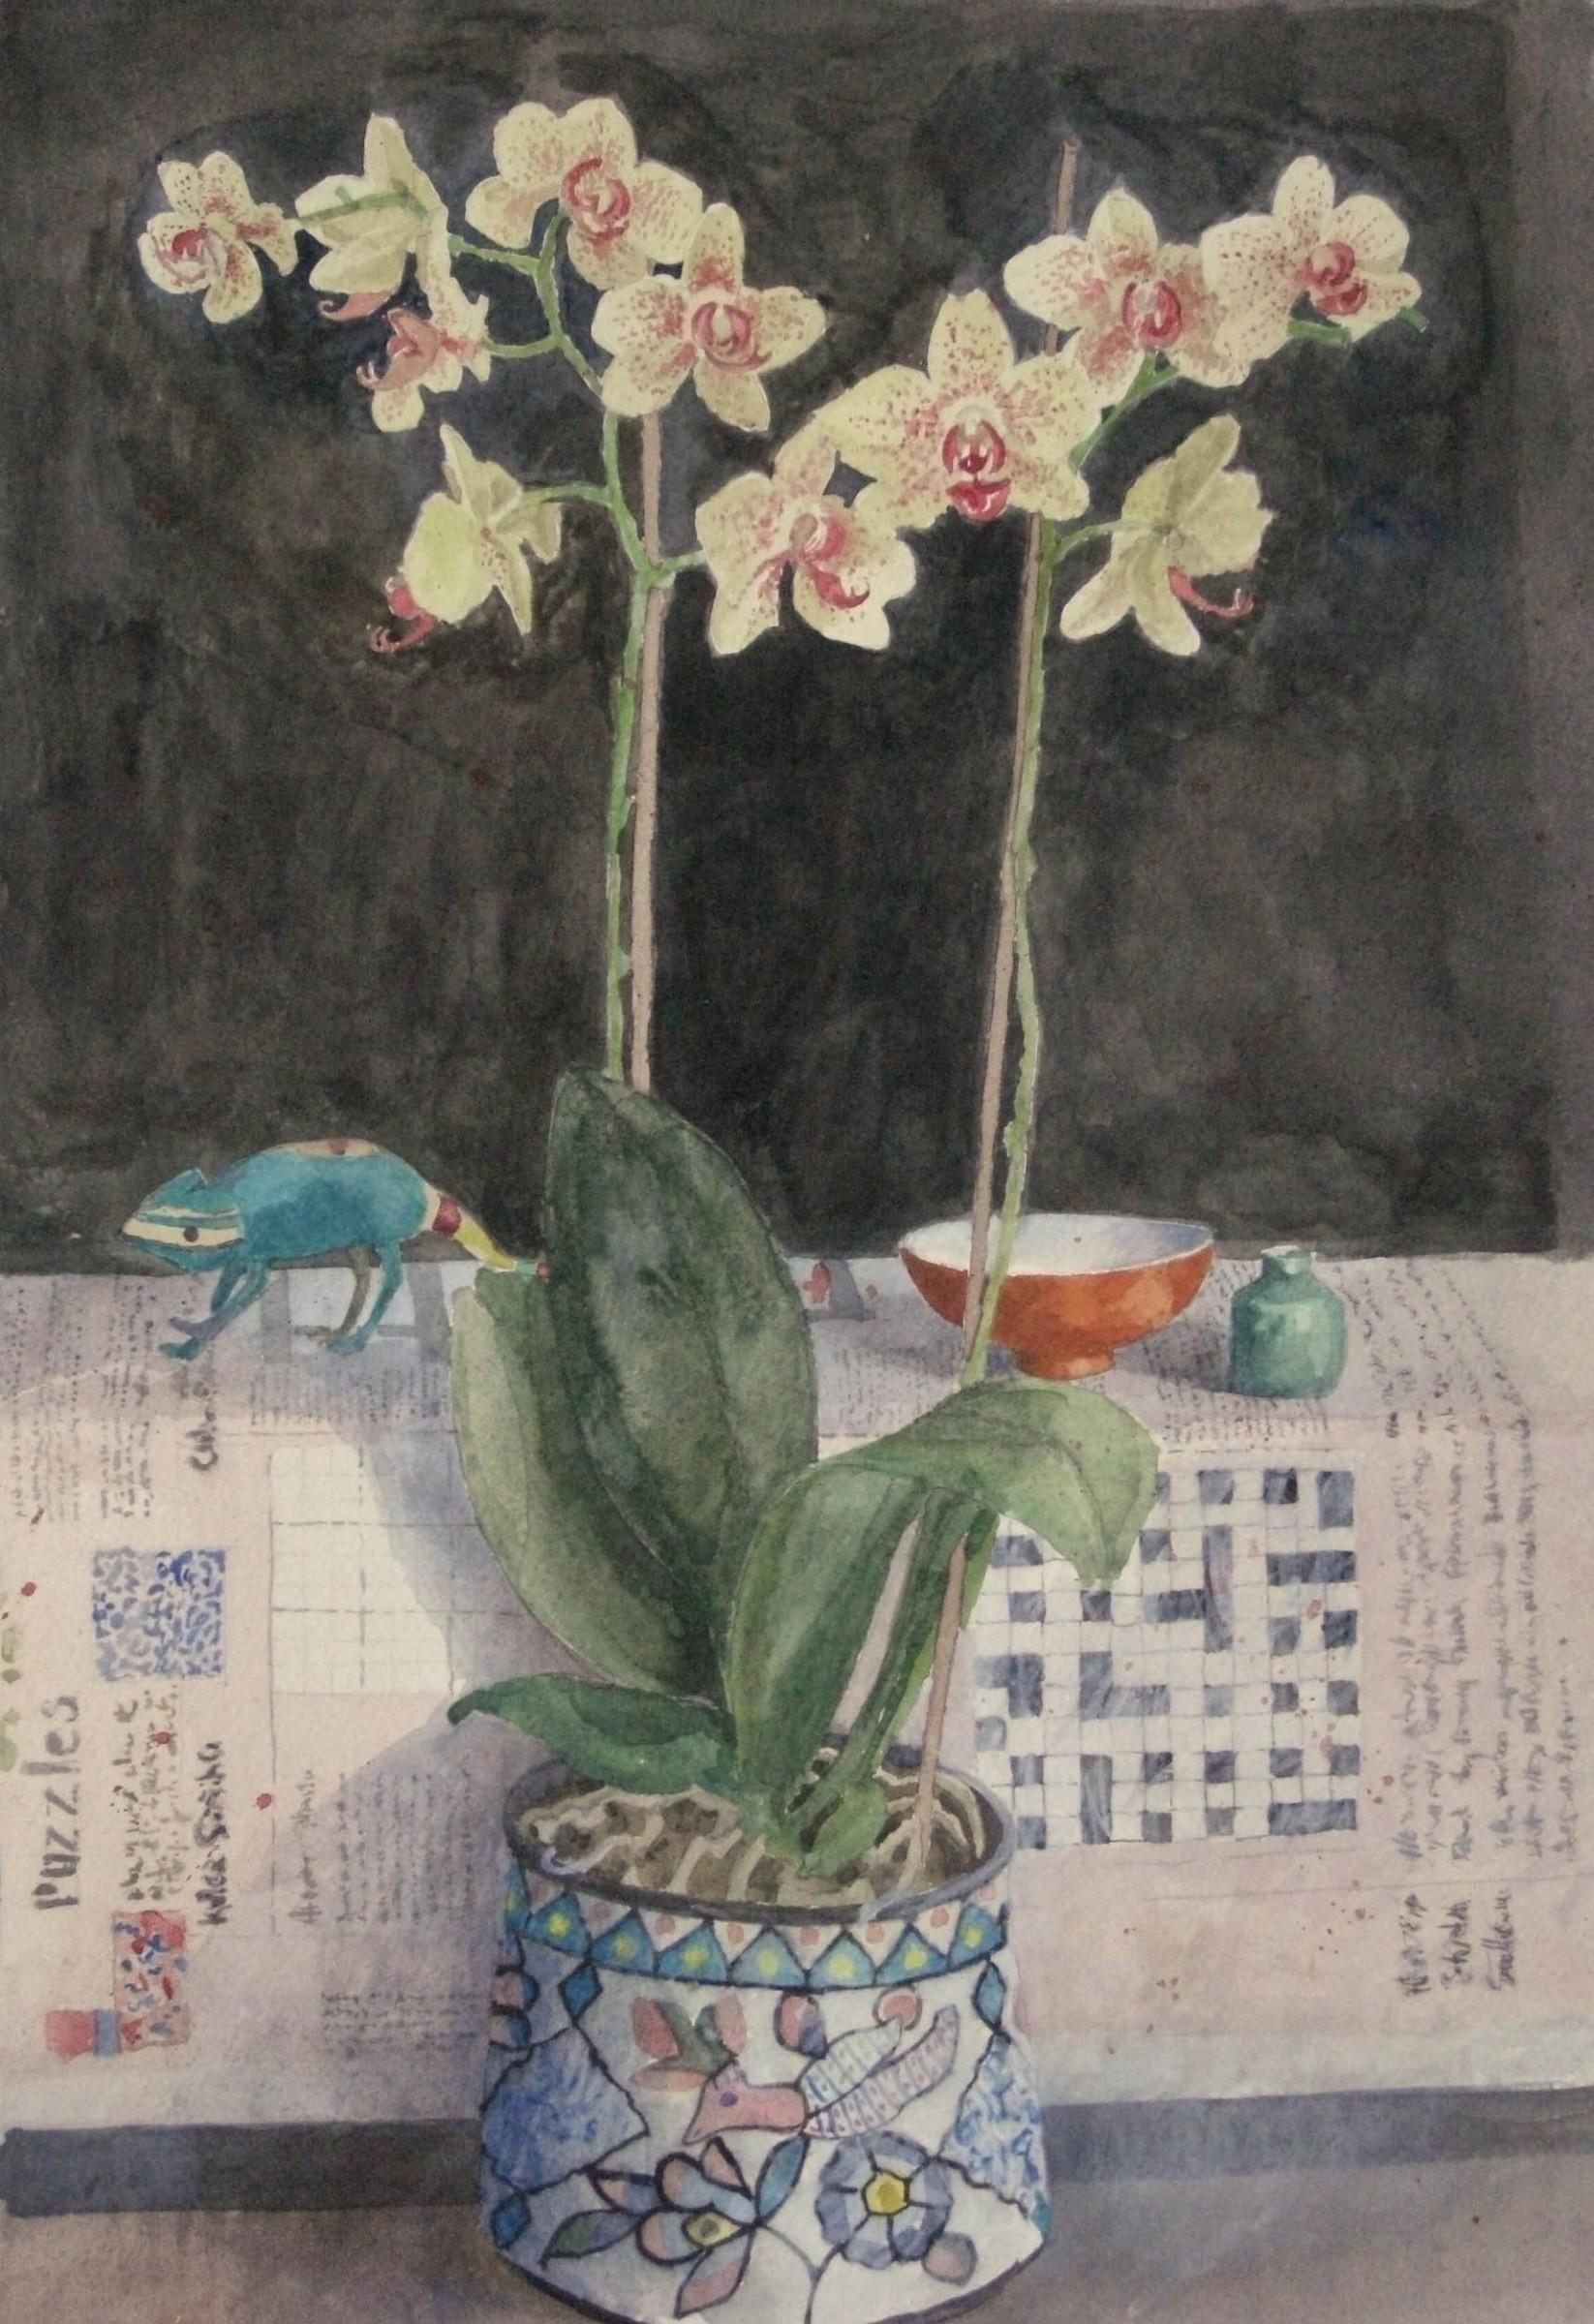 <span class=&#34;link fancybox-details-link&#34;><a href=&#34;/exhibitions/24/works/artworks_standalone10817/&#34;>View Detail Page</a></span><div class=&#34;artist&#34;><span class=&#34;artist&#34;><strong>Annie Williams</strong></span></div><div class=&#34;title&#34;><em>Orchid</em></div><div class=&#34;medium&#34;>watercolour</div><div class=&#34;dimensions&#34;>72x50cm</div>